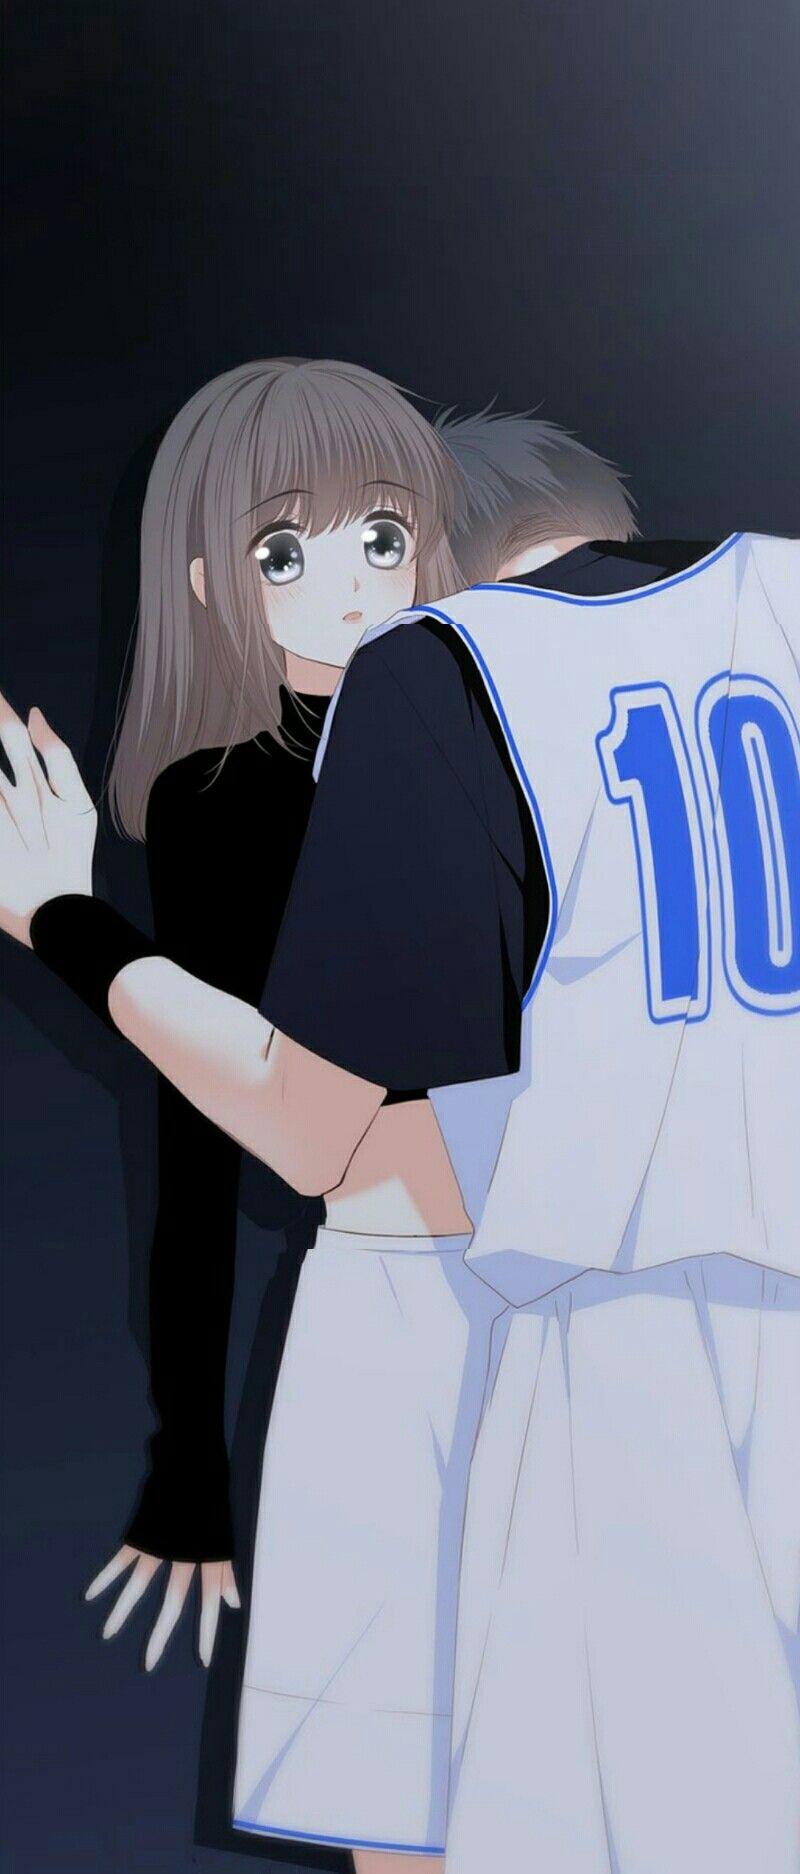 Con tim rung động 2 chap 84 Anime, Hình ảnh, Dễ thương